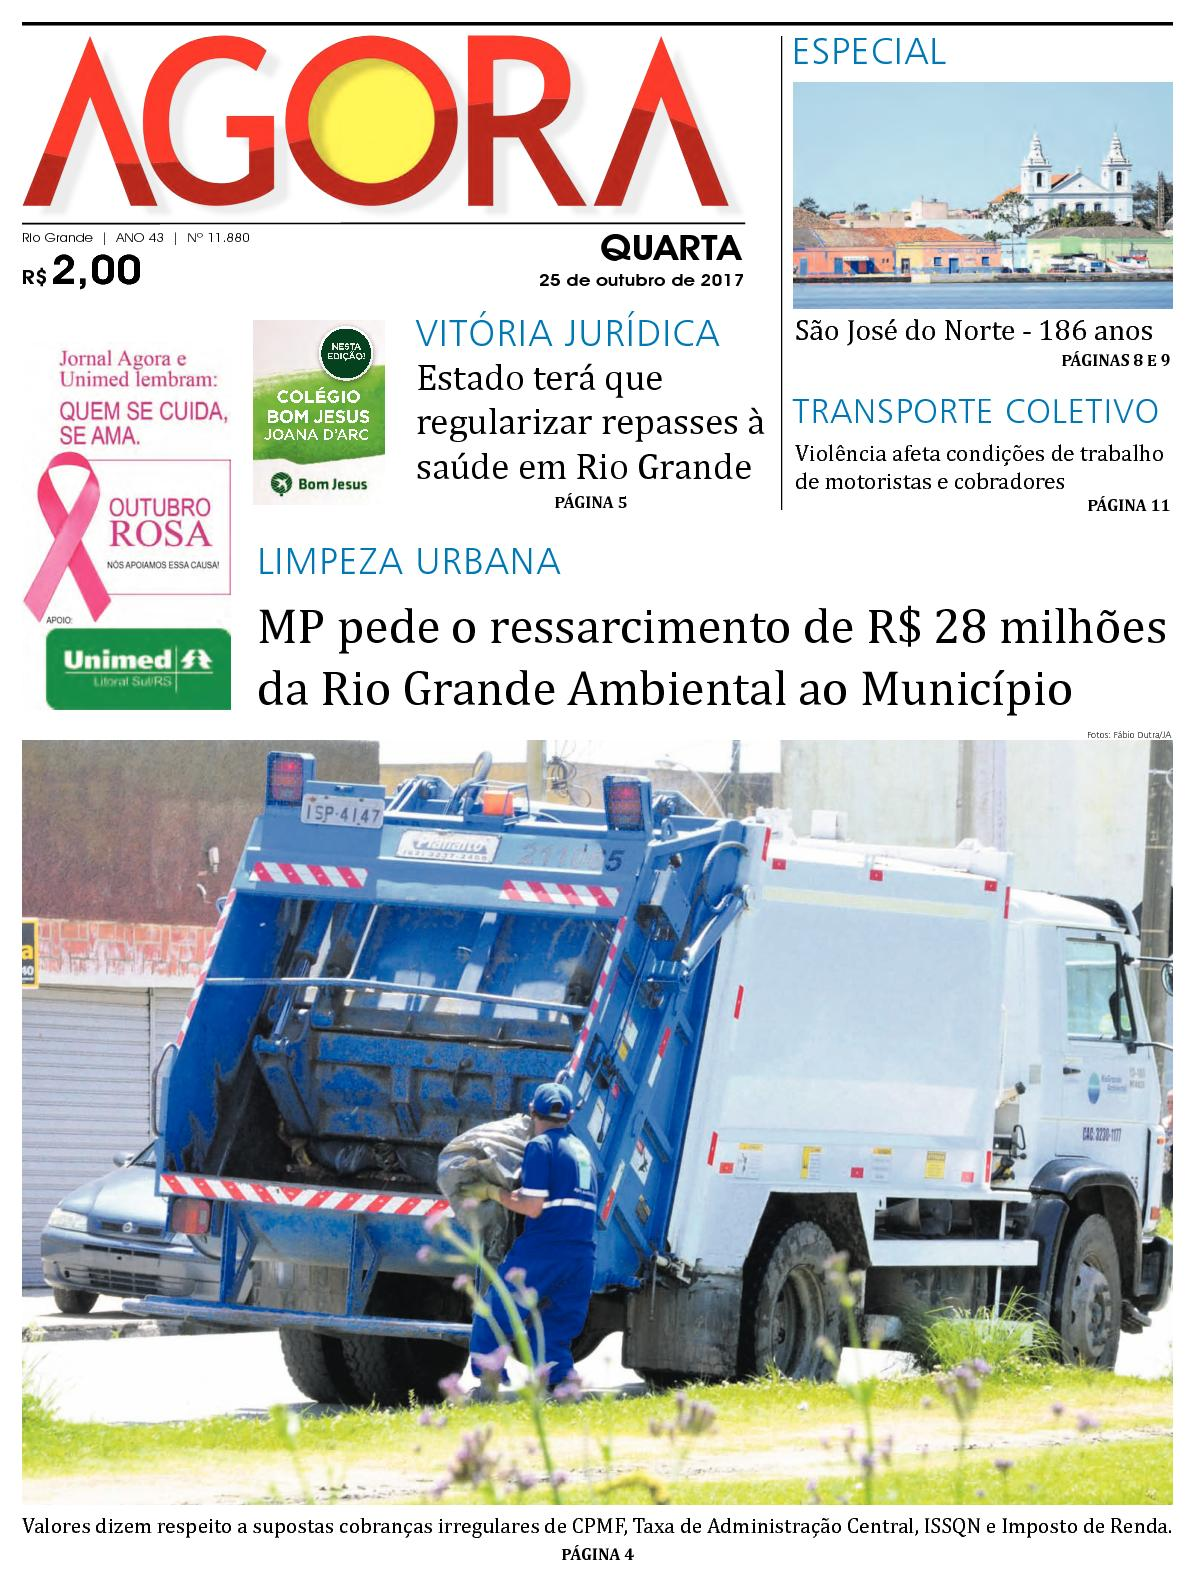 Jornal Agora - Edição 11880 - 25 de Outubro de 2017